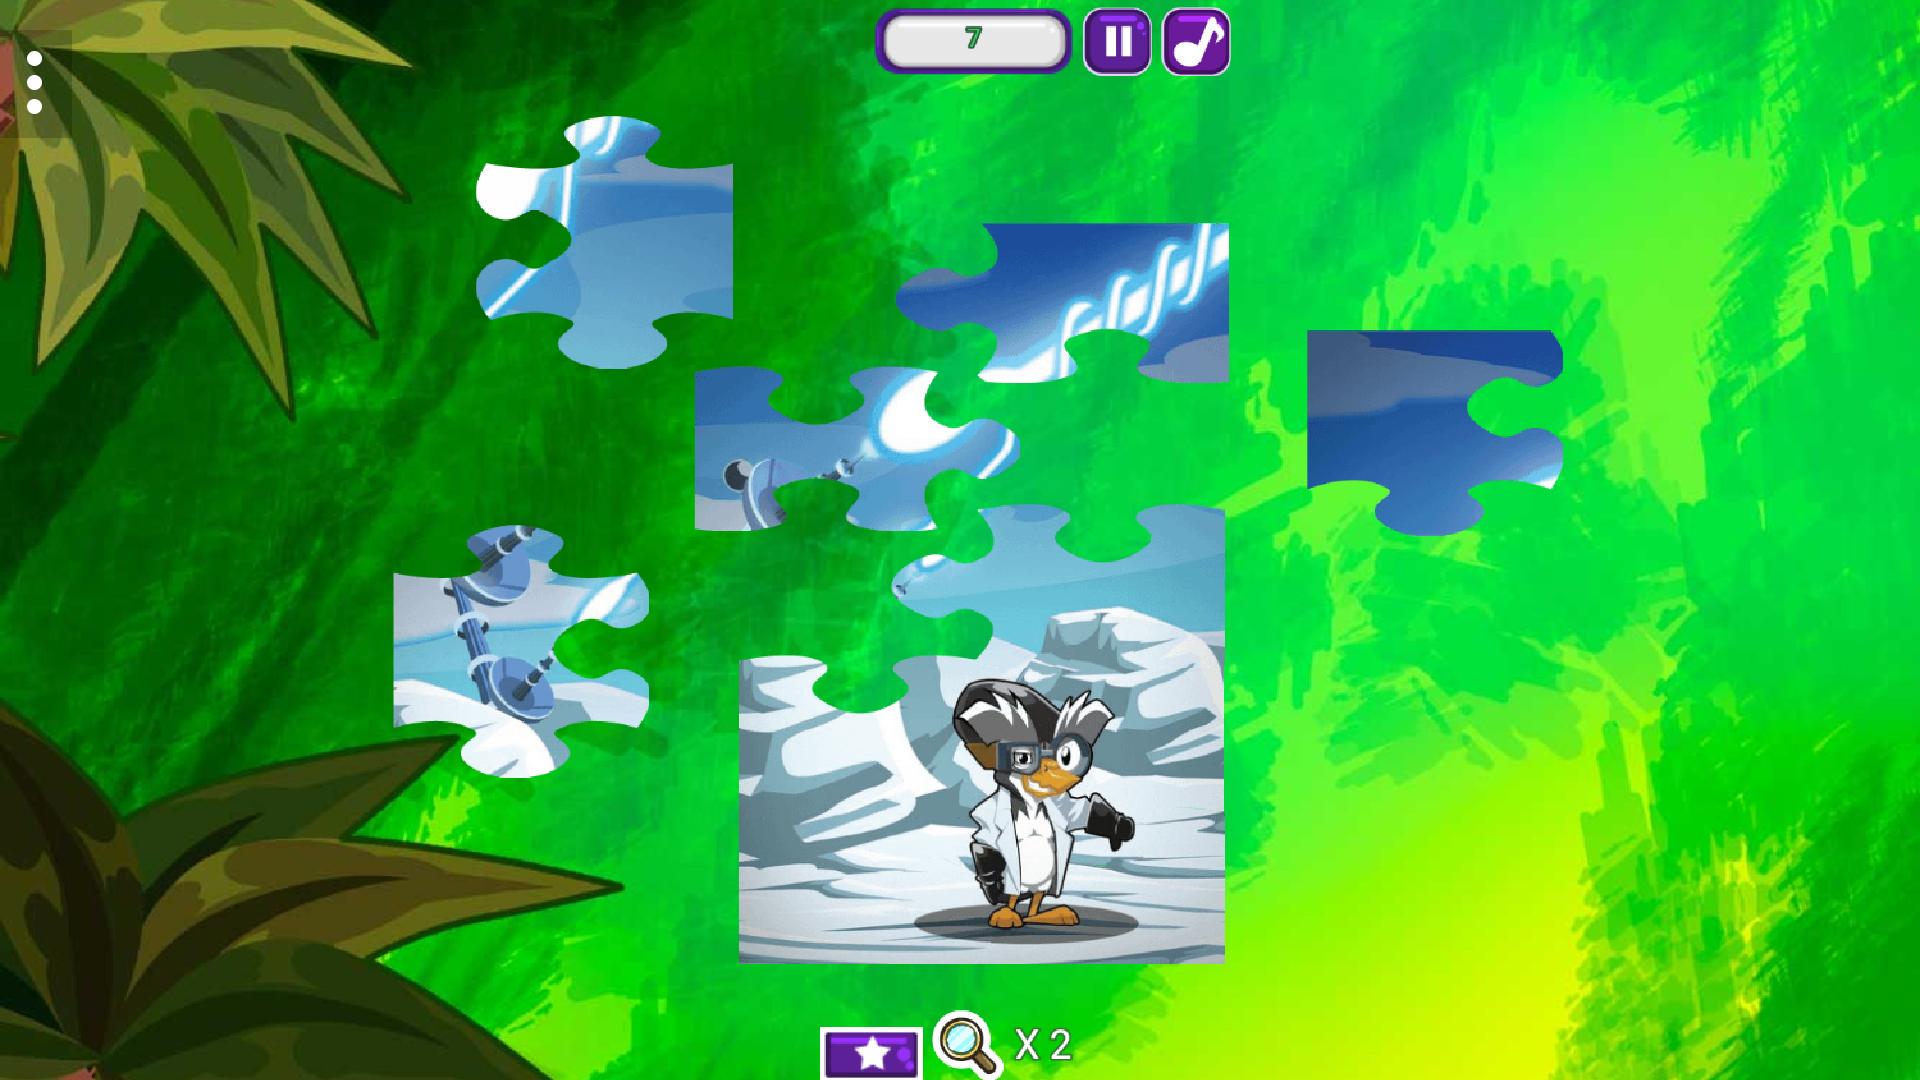 Jigsaw Puzzle landscape